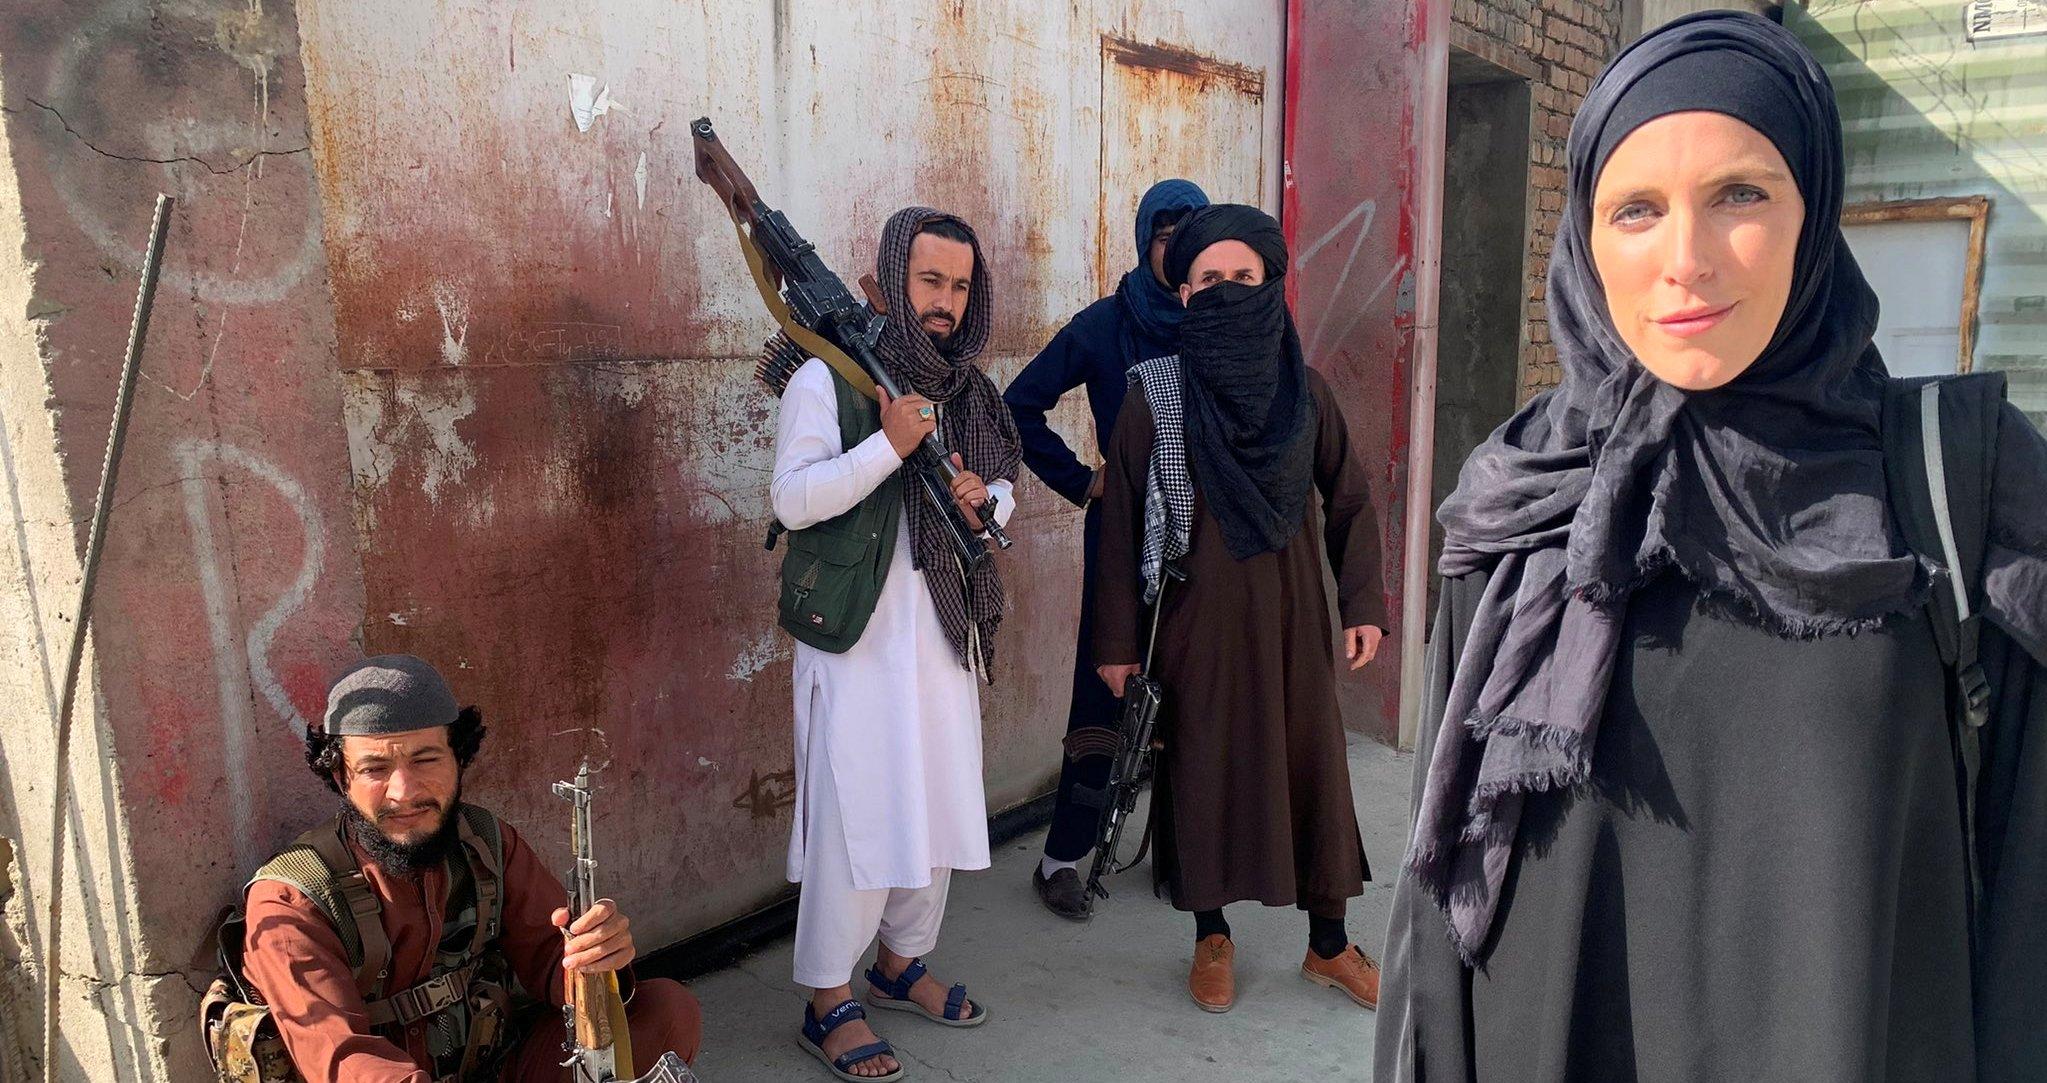 مراسلة CNN بالعباءة والحجاب في تغطية صحفية بأفغانستان التزاما بتعليمات طالبان (فيديو)